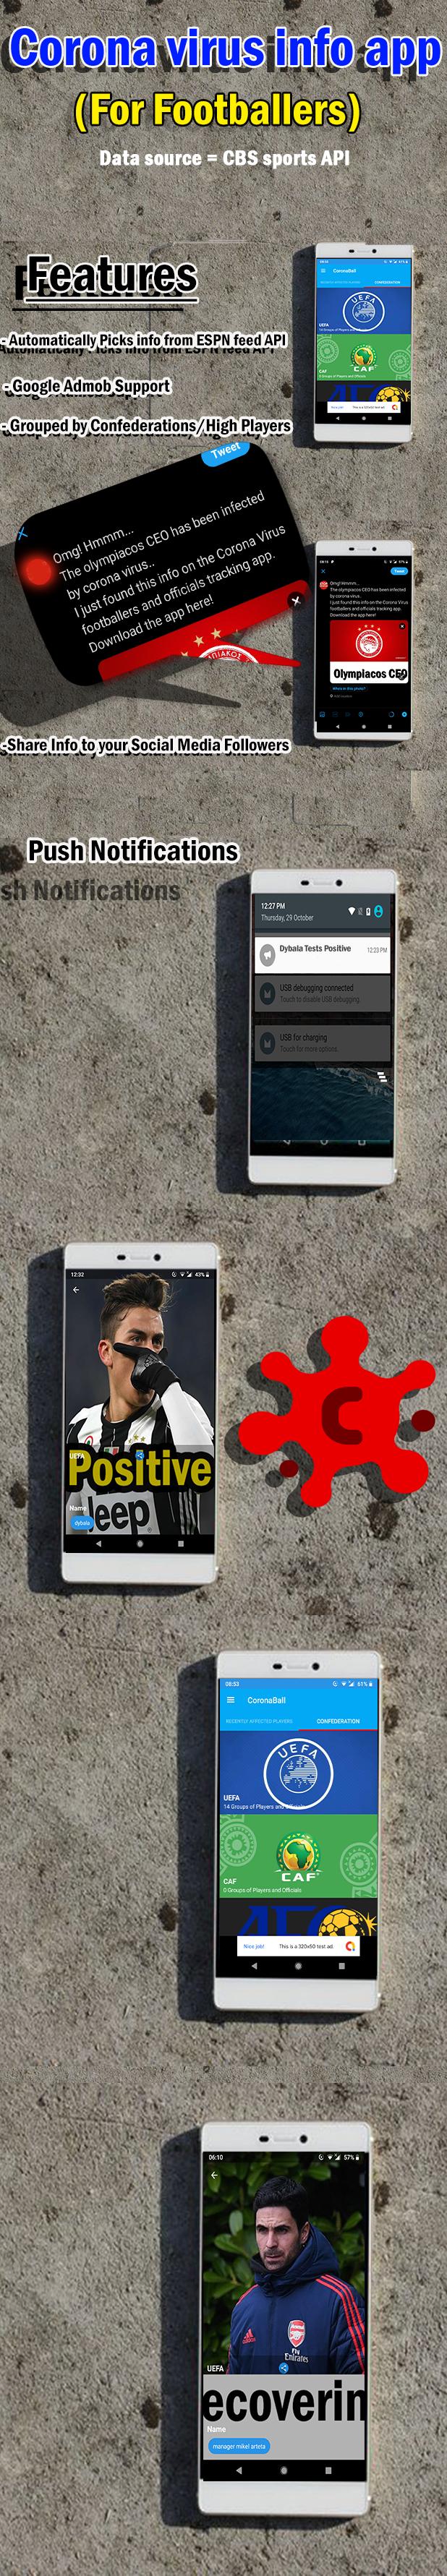 Corona-Virus-Info-App zu Fußballstars - App für Benutzer, um schnell Informationen zu infizierten Fußballstars zu erhalten - 1